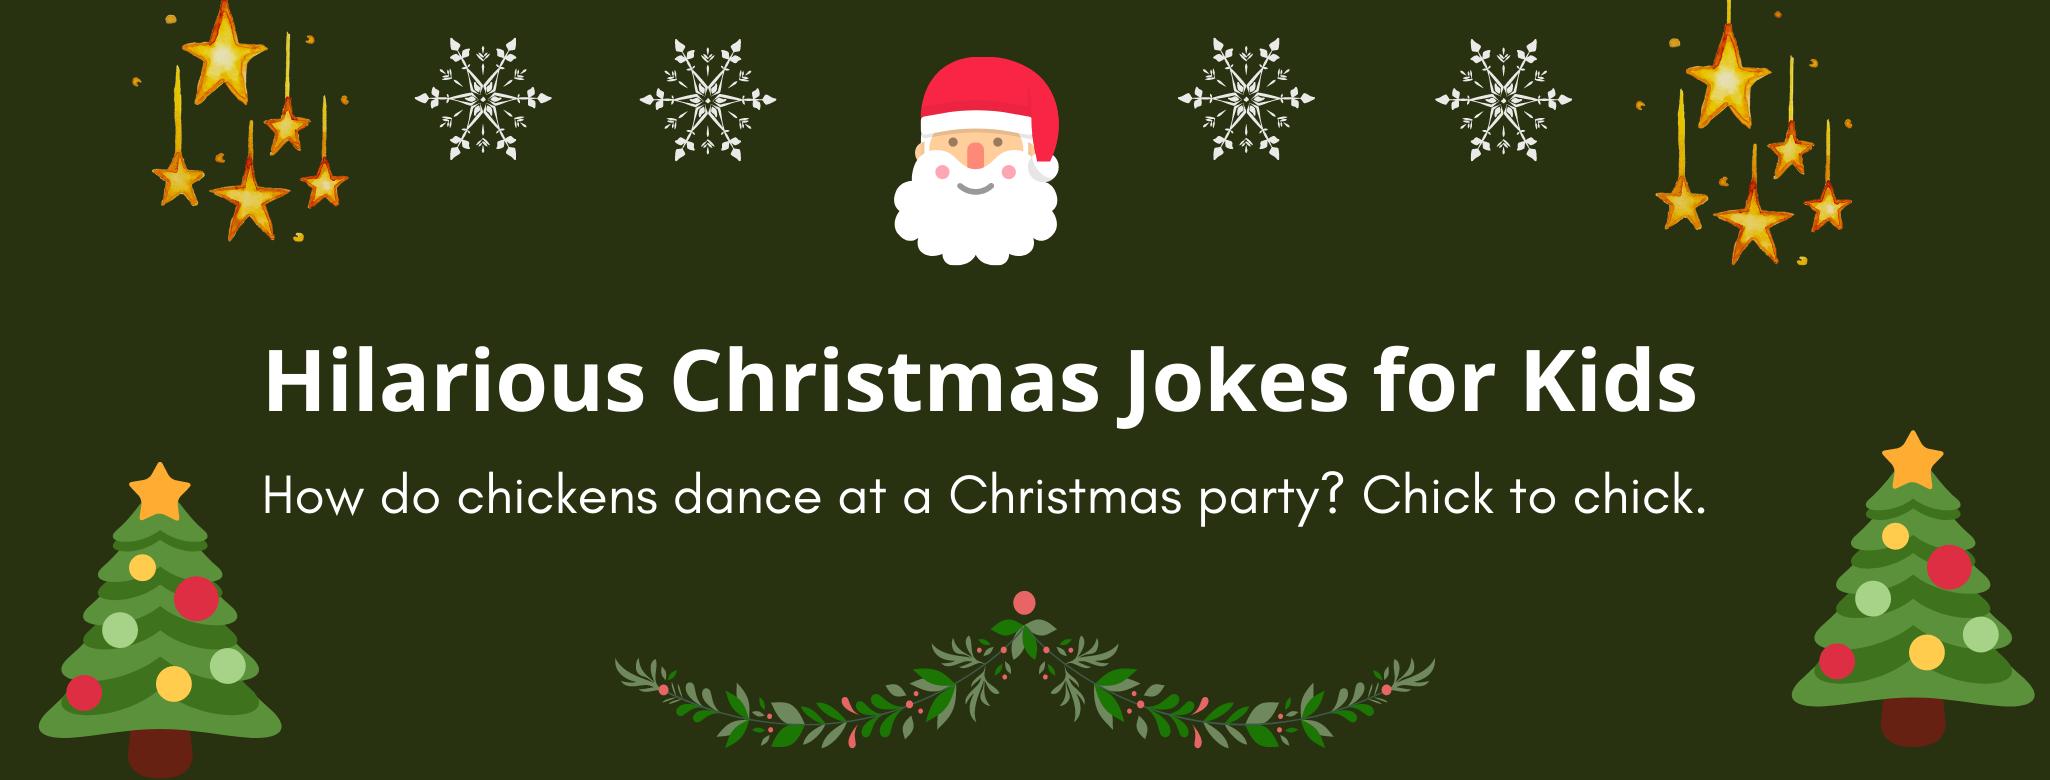 Hilarious Christmas Jokes for Kids Children